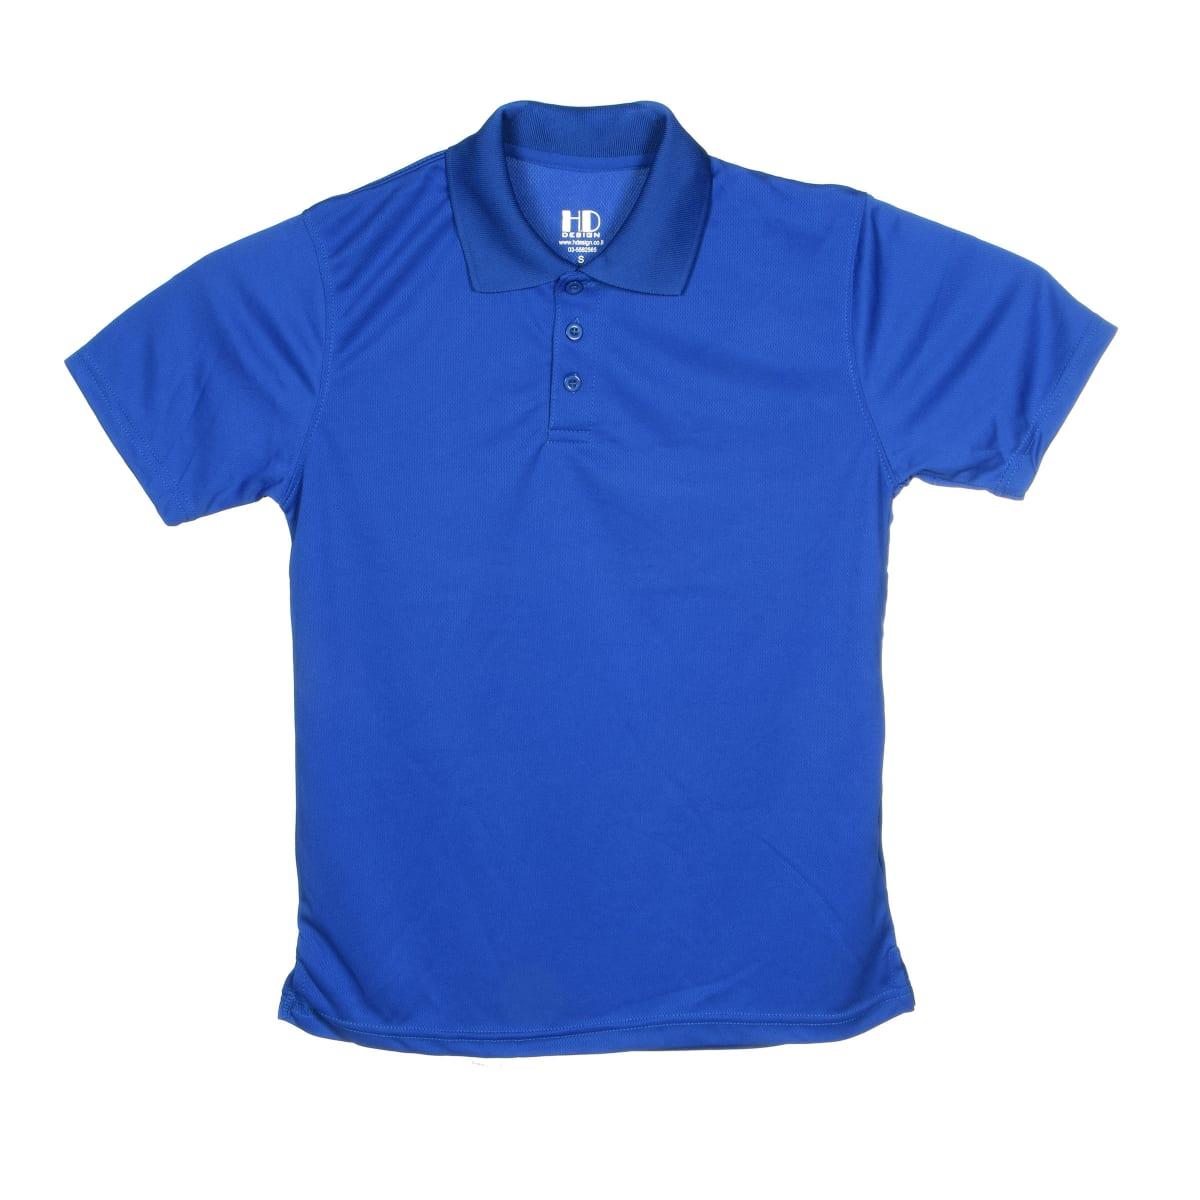 חולצת פולו | חולצות פולו דרייפיט | חולצת פולו בצבע כחול רויאל